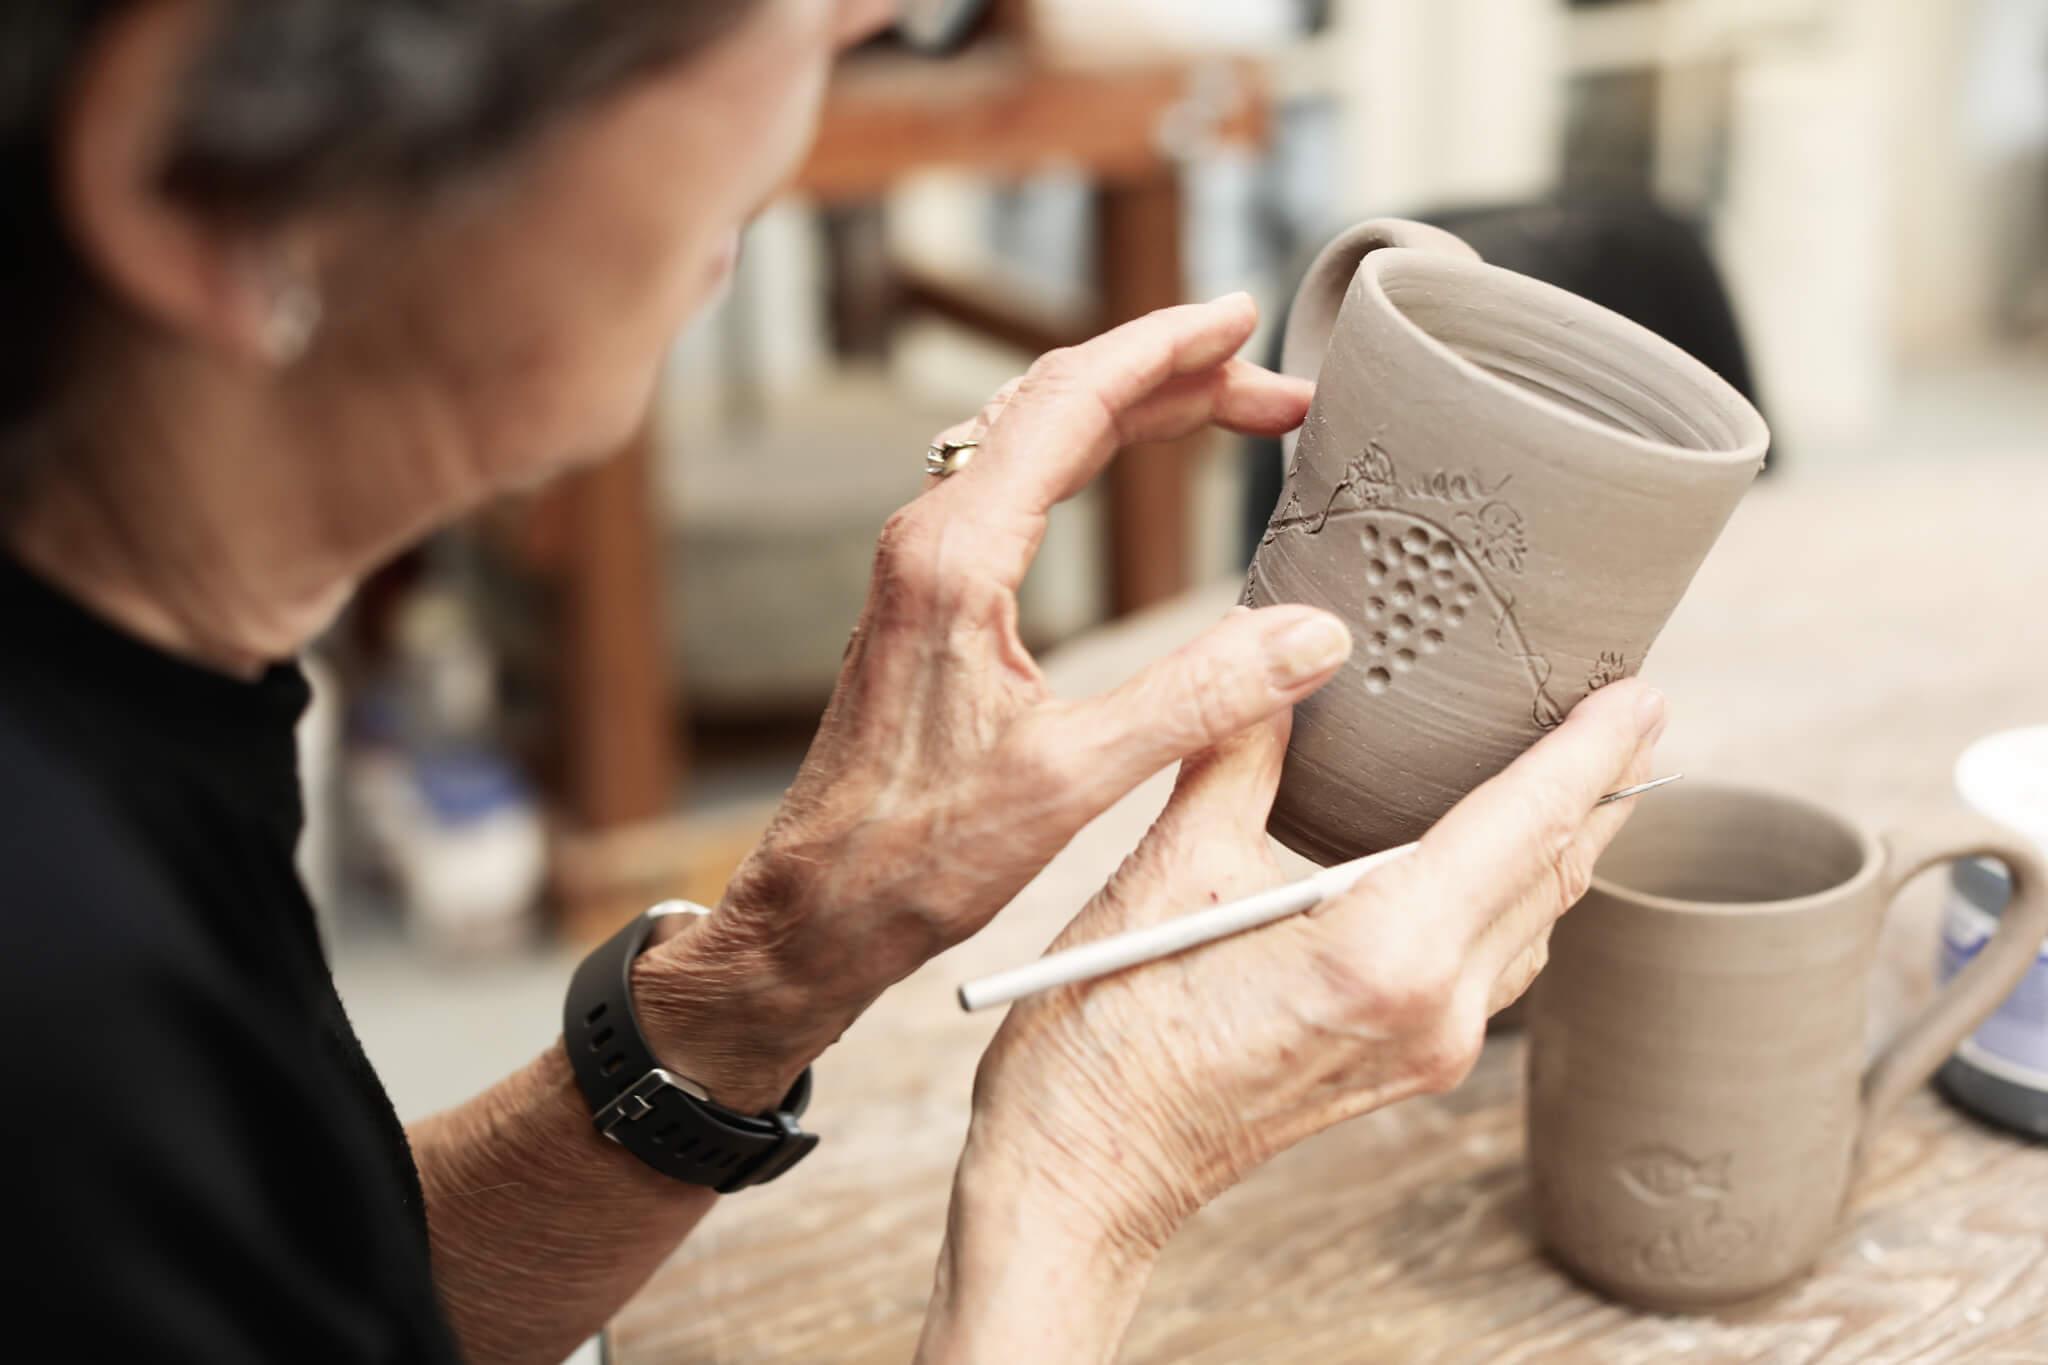 Building a Ceramic Mug